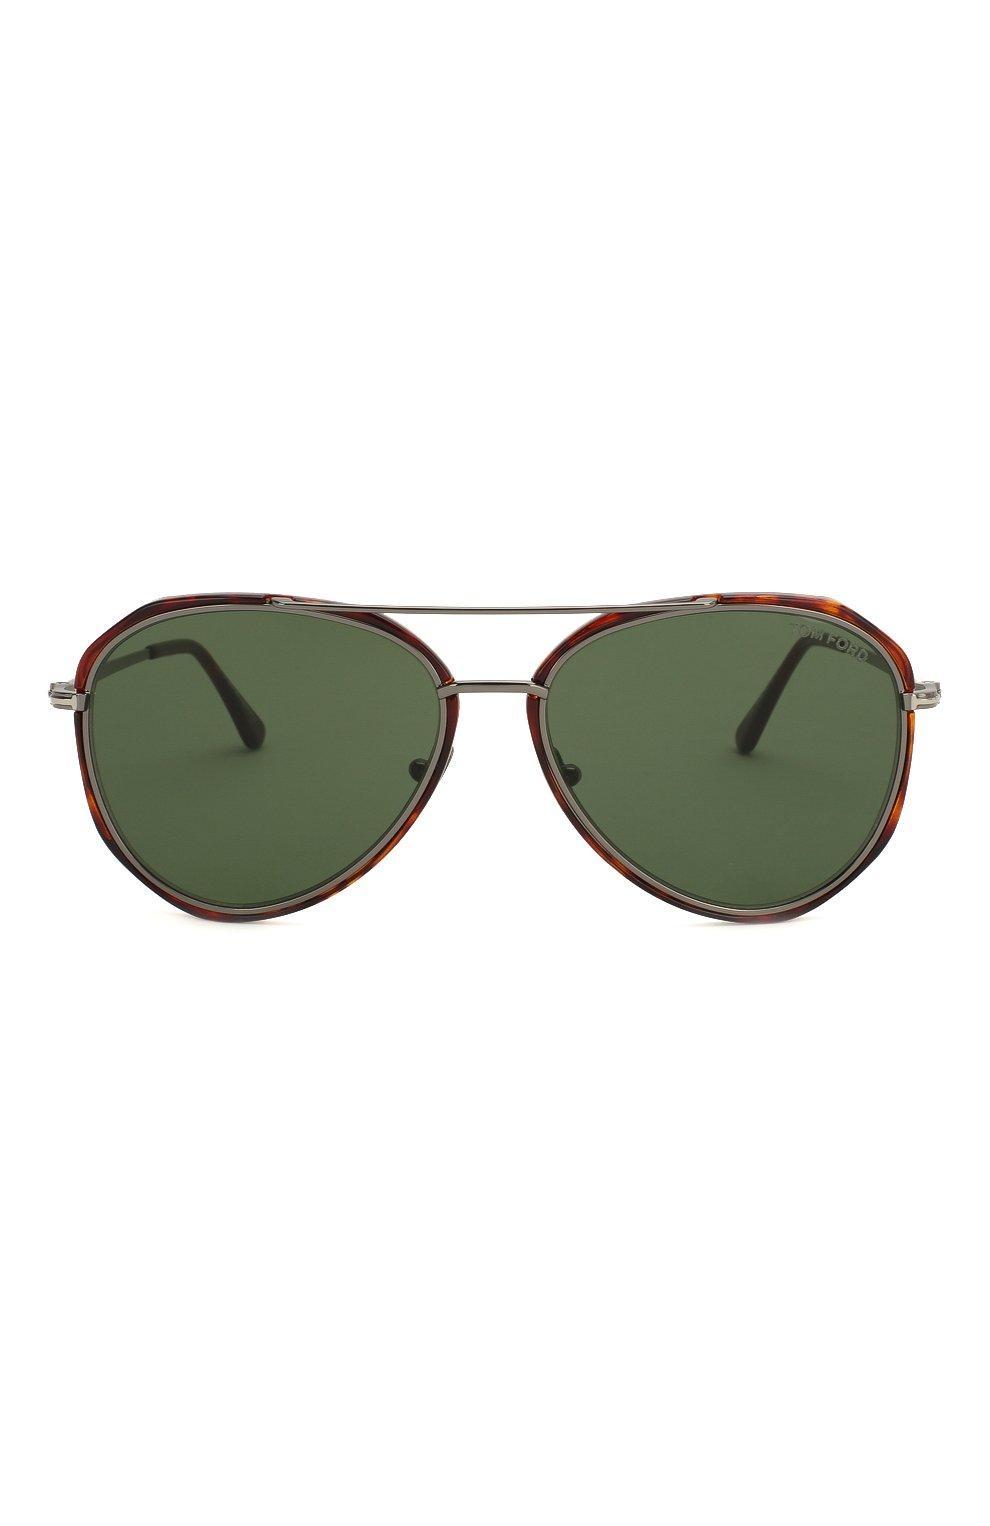 Мужские солнцезащитные очки TOM FORD коричневого цвета, арт. TF749 | Фото 3